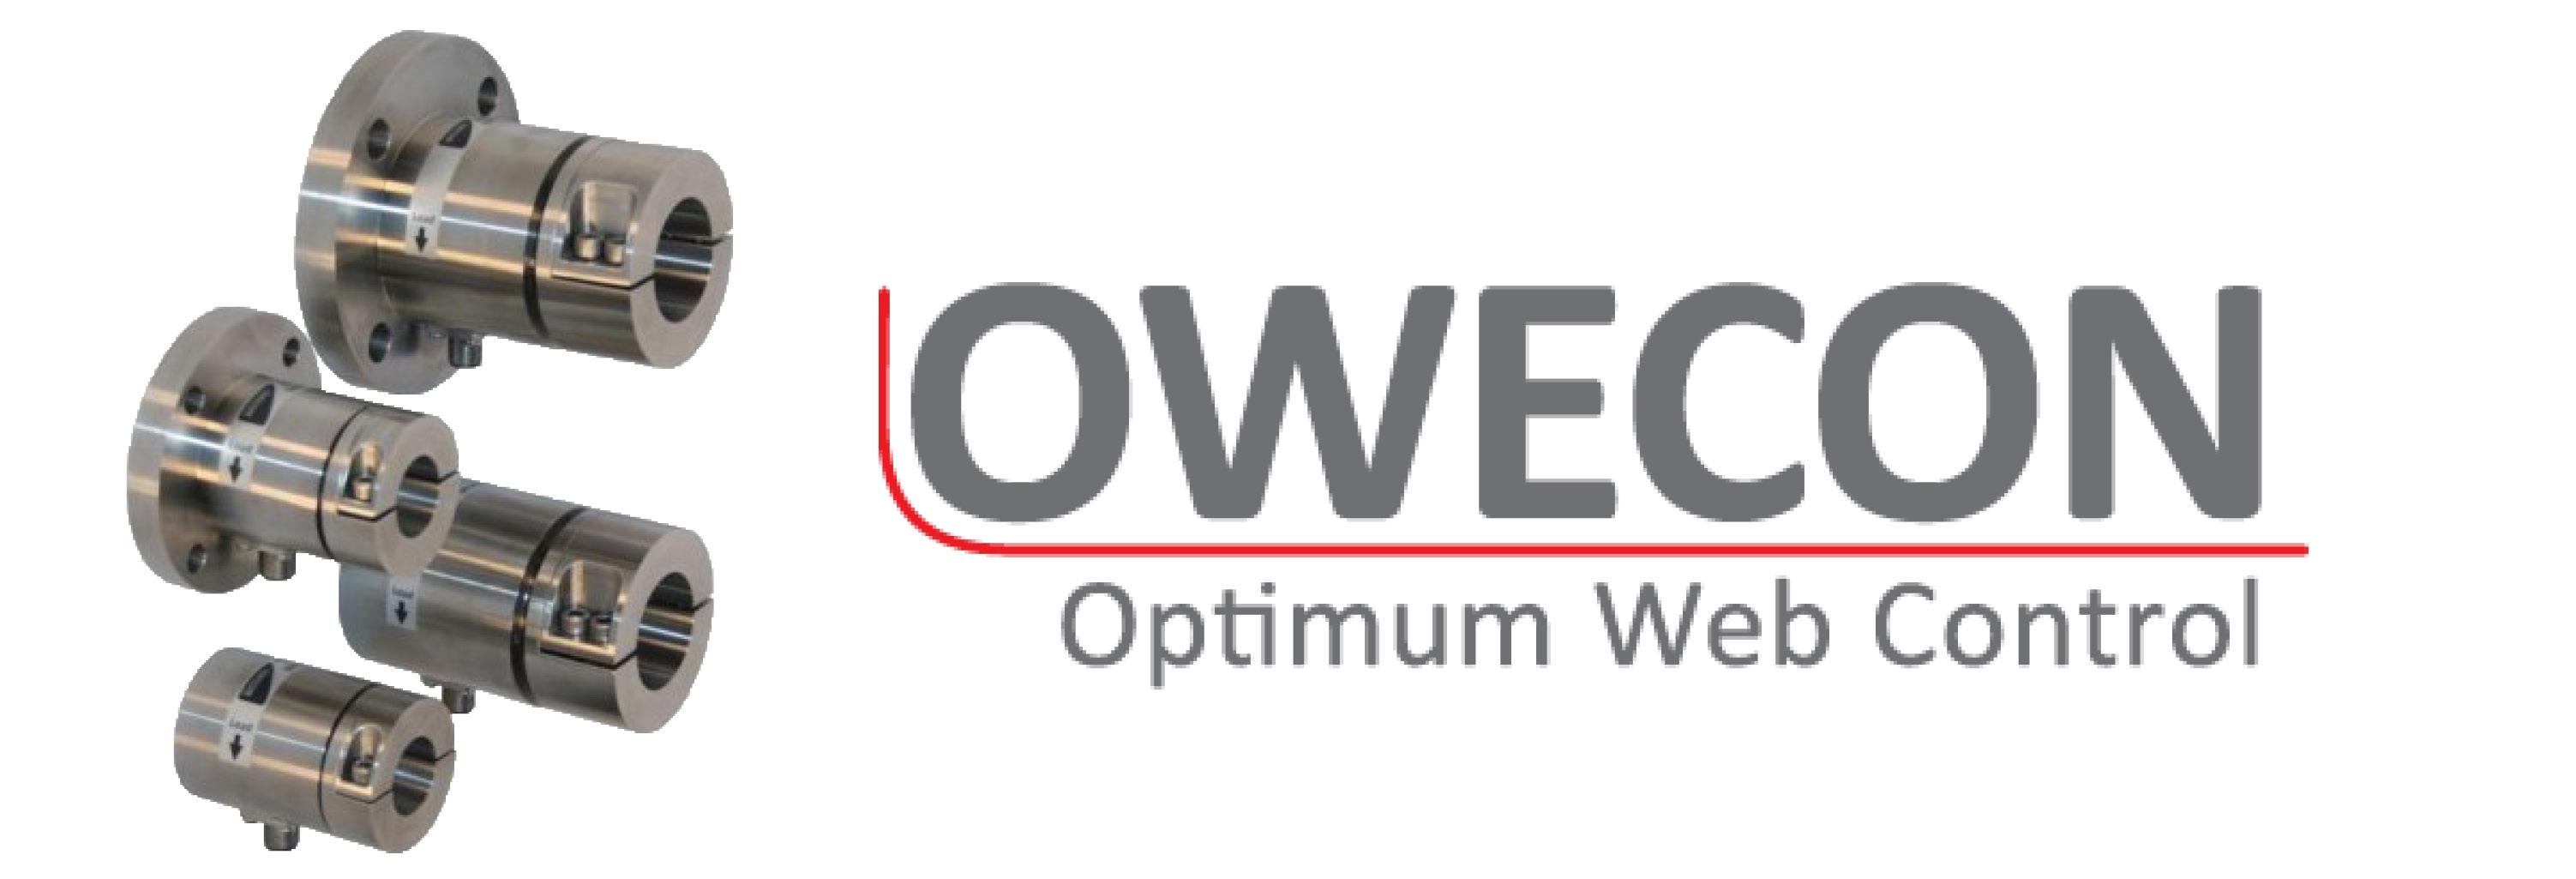 Owecon